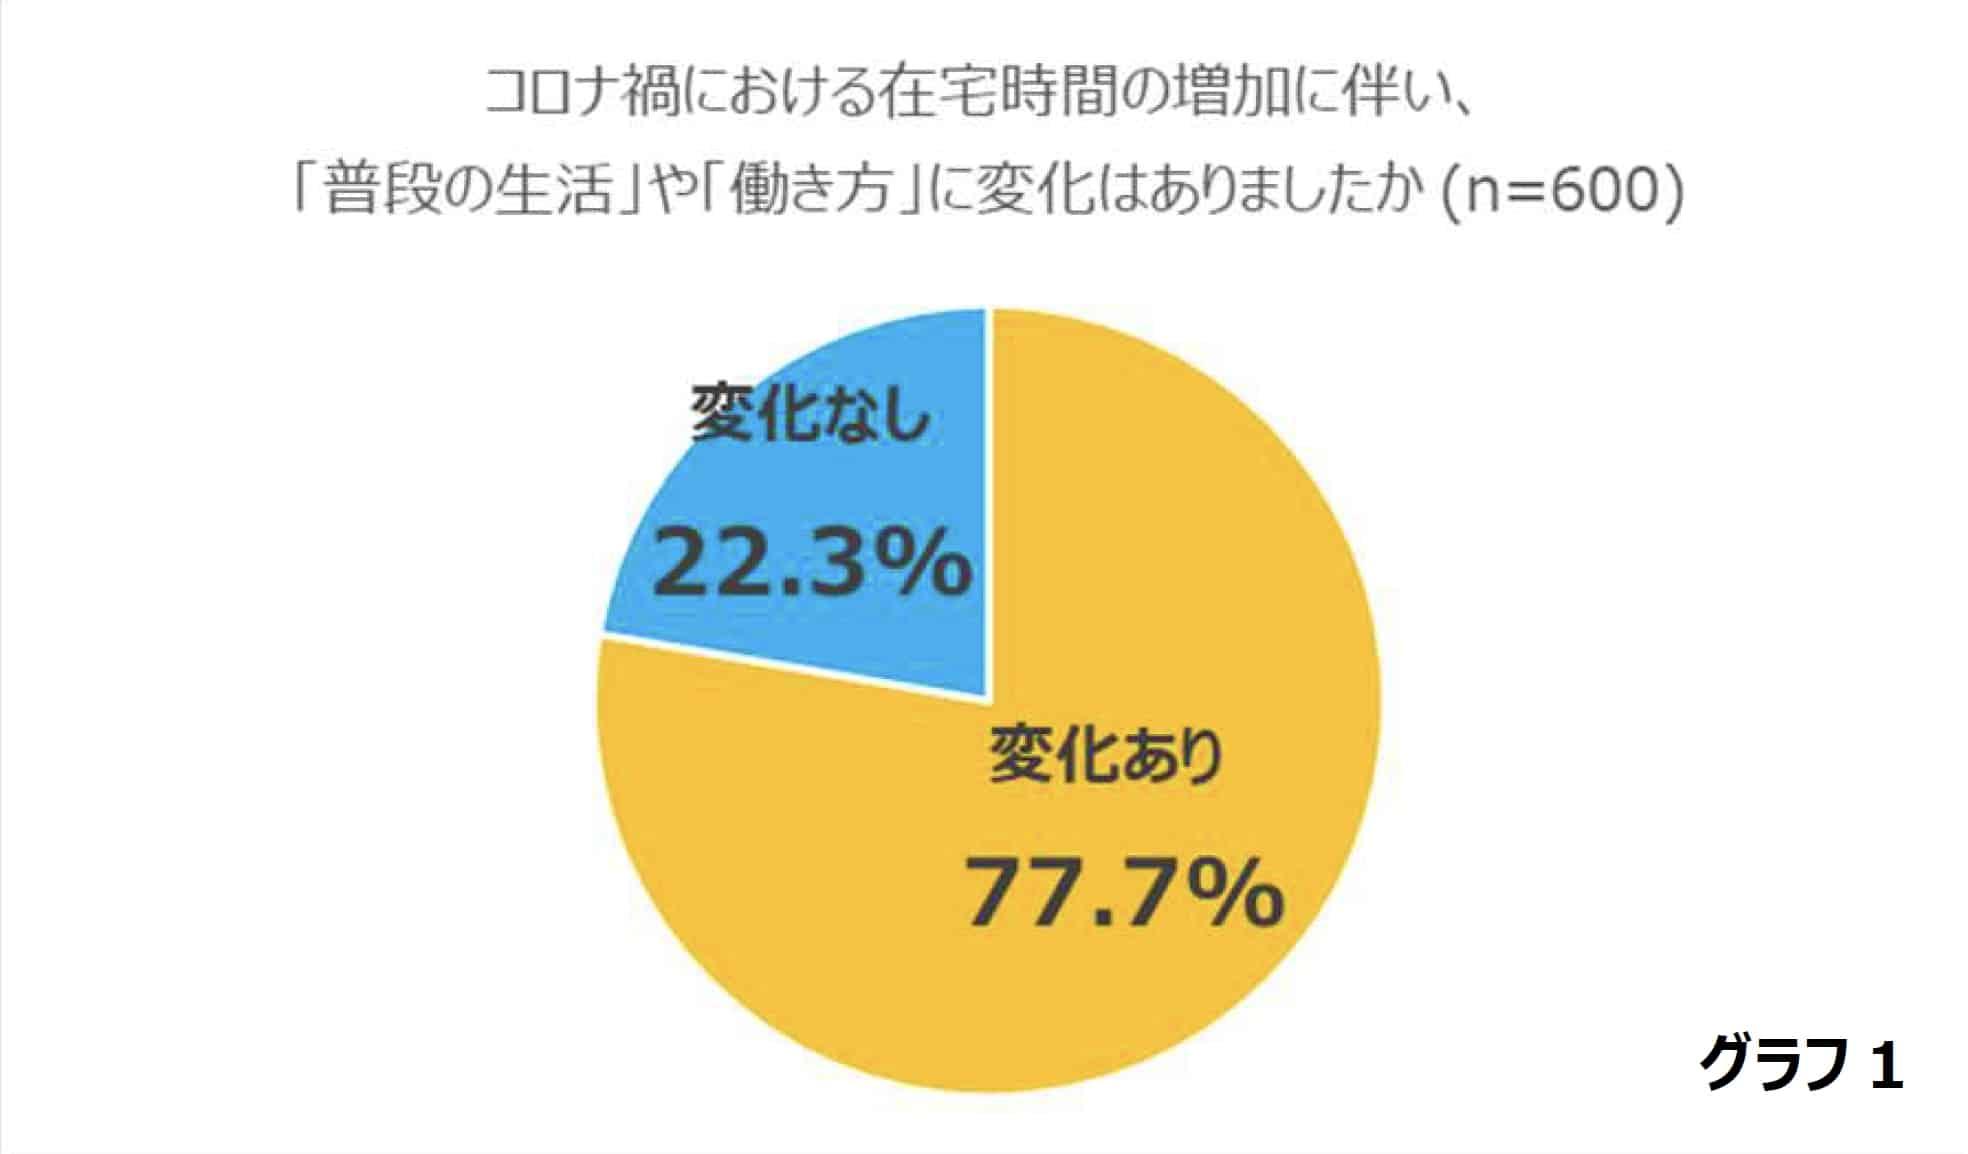 三菱電機 霧ヶ峰PR 事務局による「東京・大阪在住の男女600 名への睡眠に関する意識調査」より